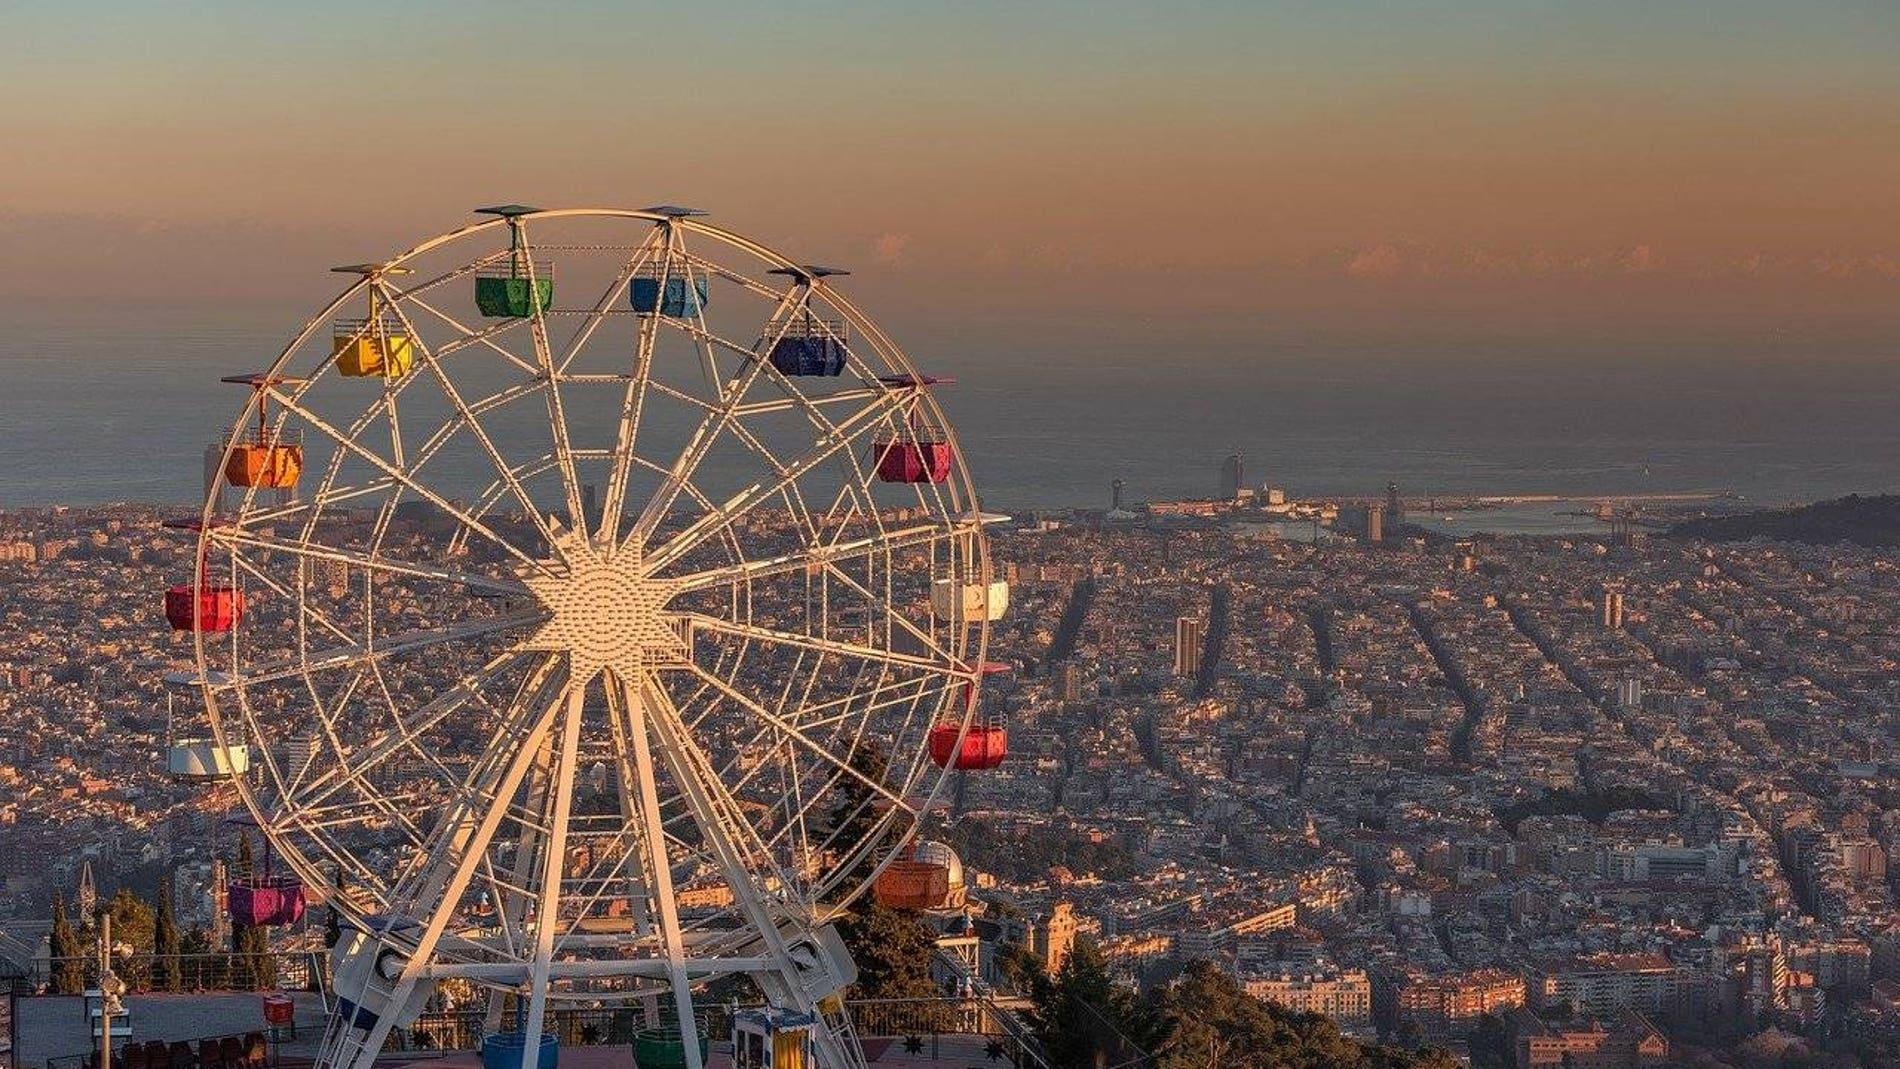 La planificacion urbana y del transporte se relaciona con casi 2.000 muertes prematuras anuales en Barcelona y Madrid